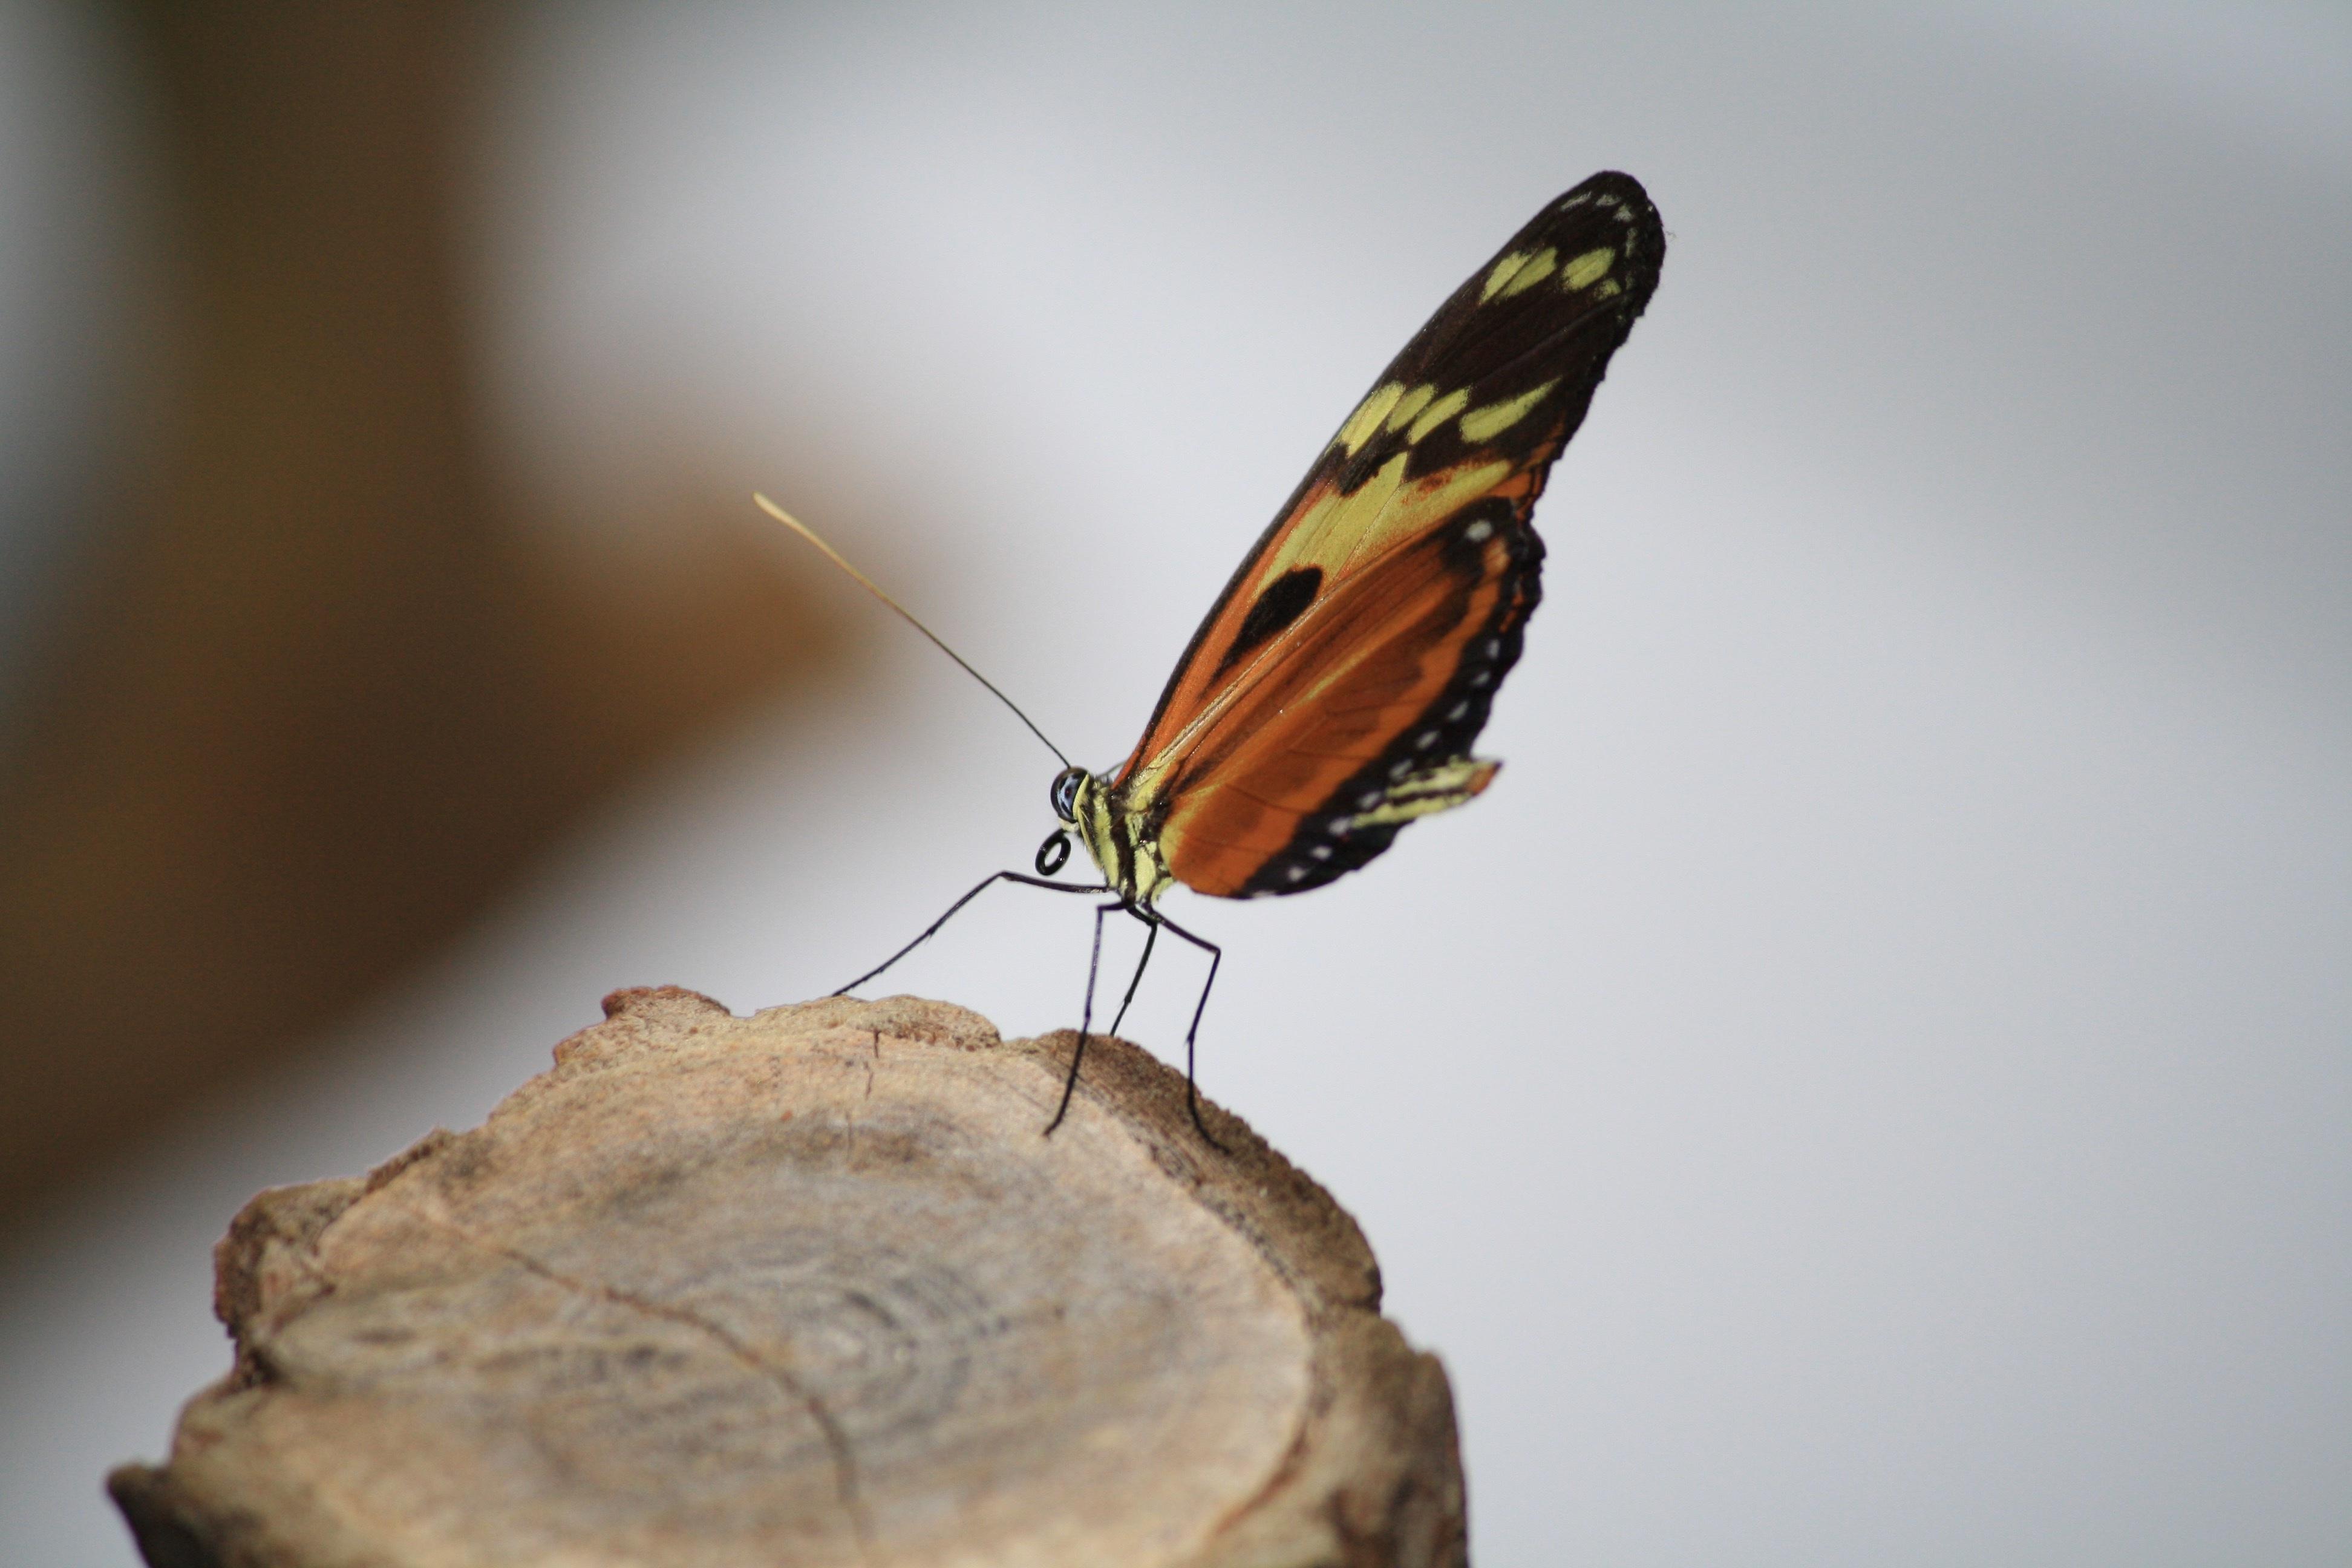 Fotos Gratis Naturaleza Ala Madera Fotograf A Hoja Insecto  ~ Como Son Las Polillas De La Madera